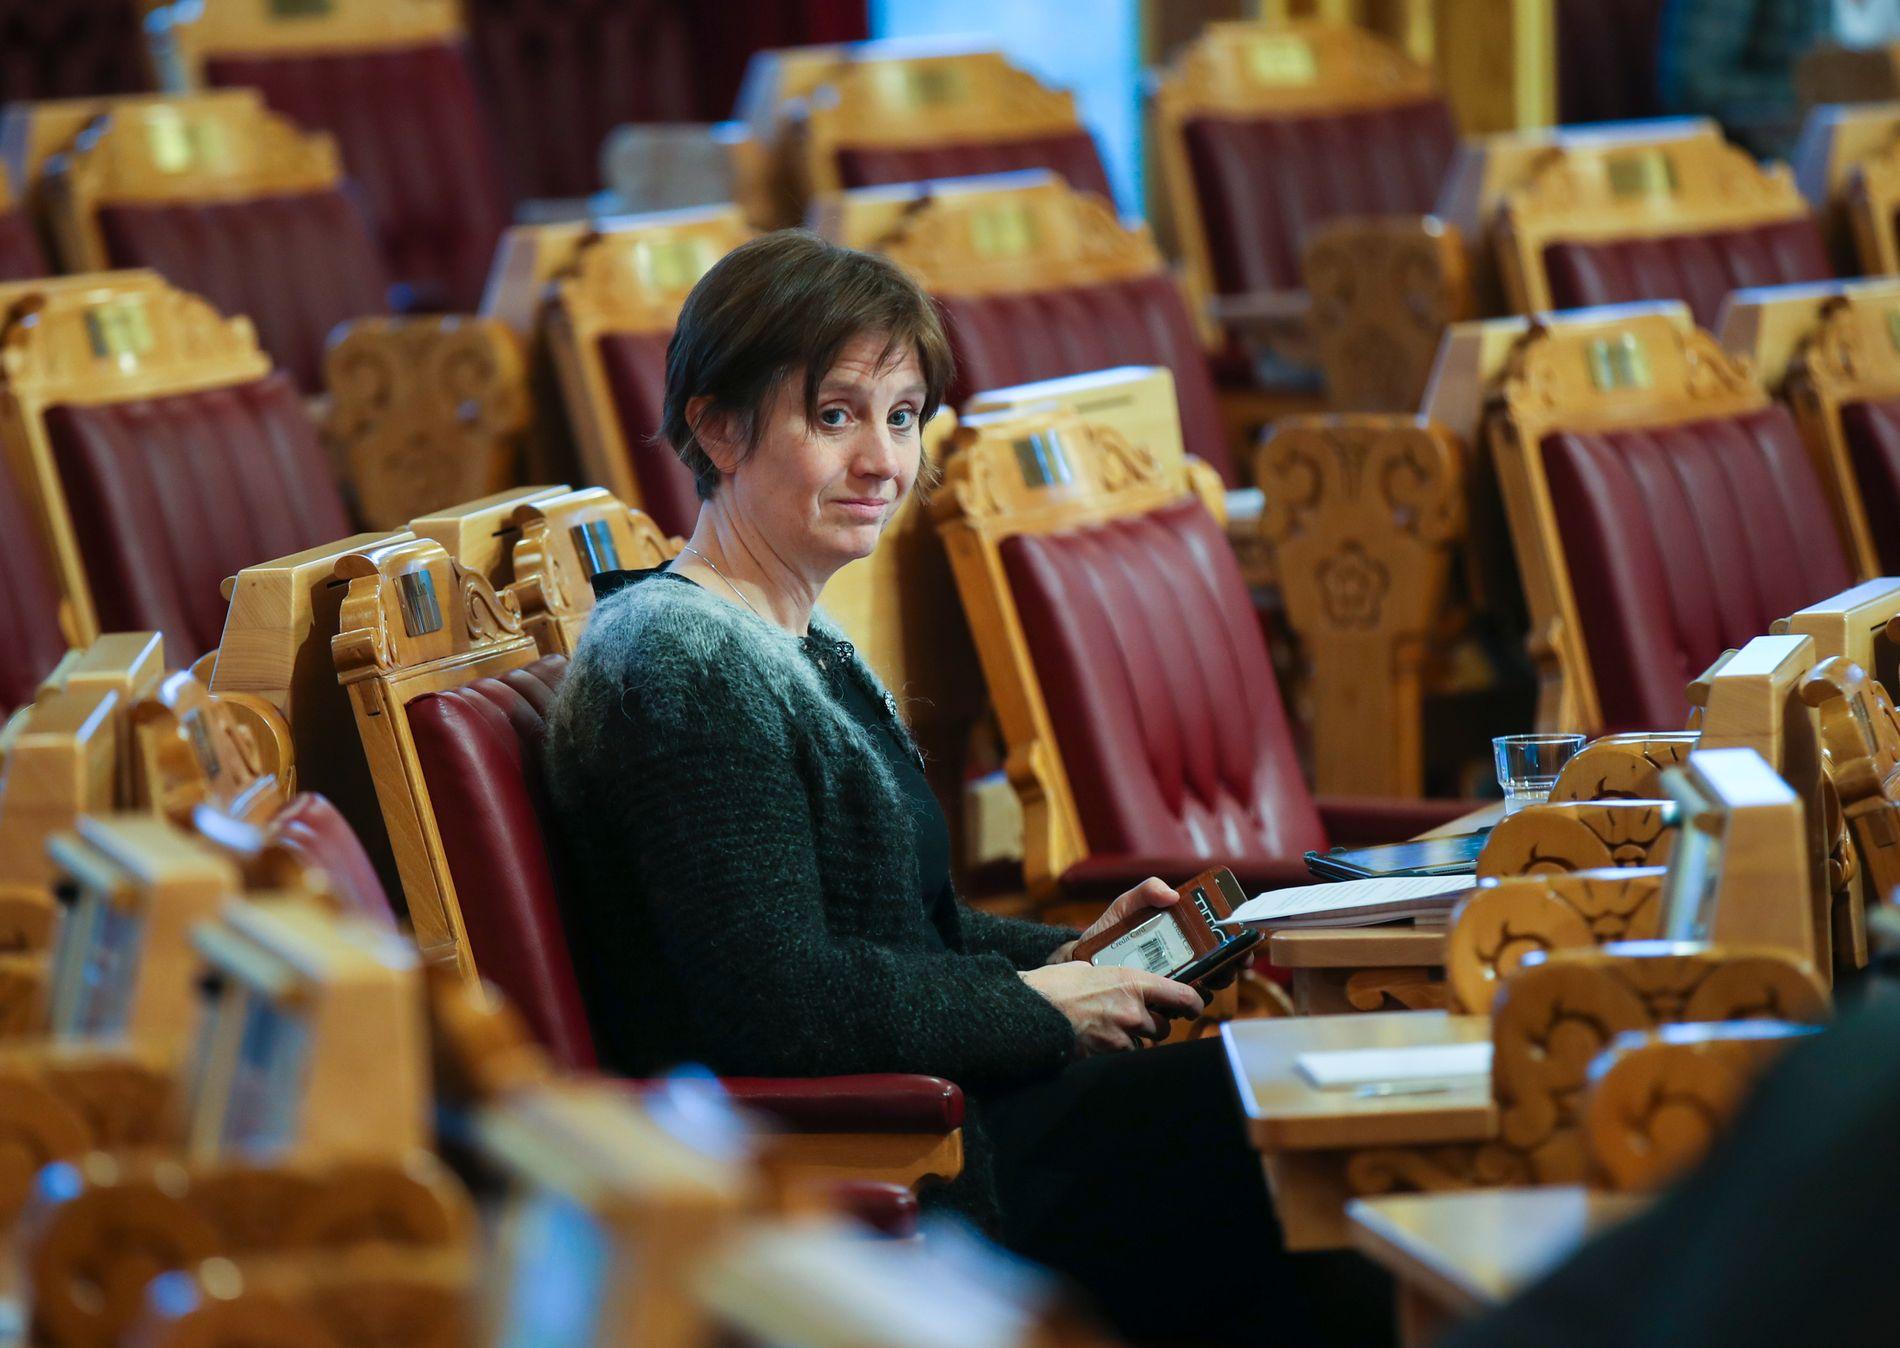 VIL HA SVAR: Senterparti-politiker Kjersti Toppe etterlyser svar på hvordan nattransport-praksisen har fått utvikle seg.